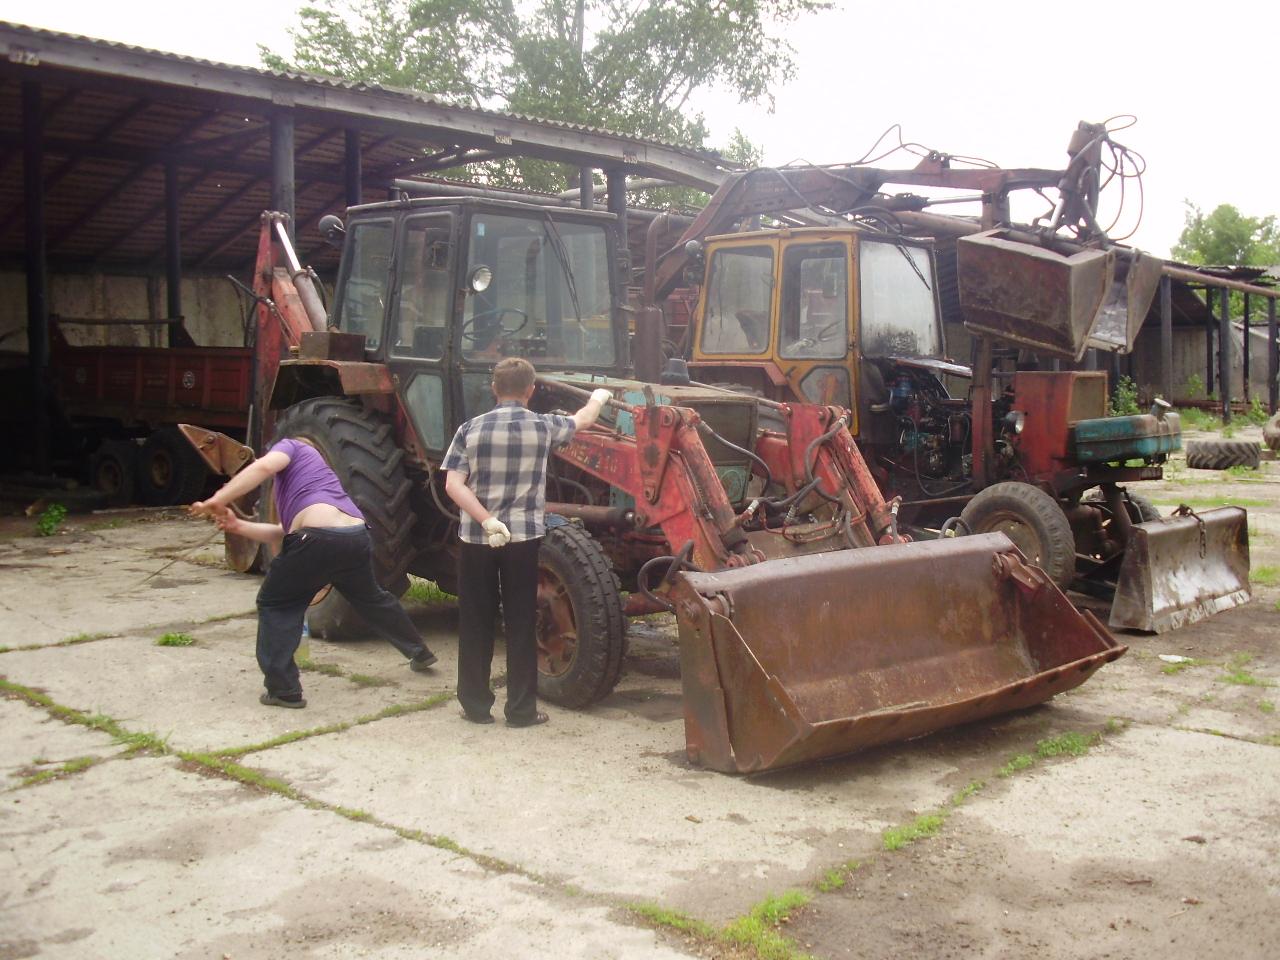 Восстановление и ремонт ДТ-75МЛ | Fermer.Ru - Фермер.Ру.